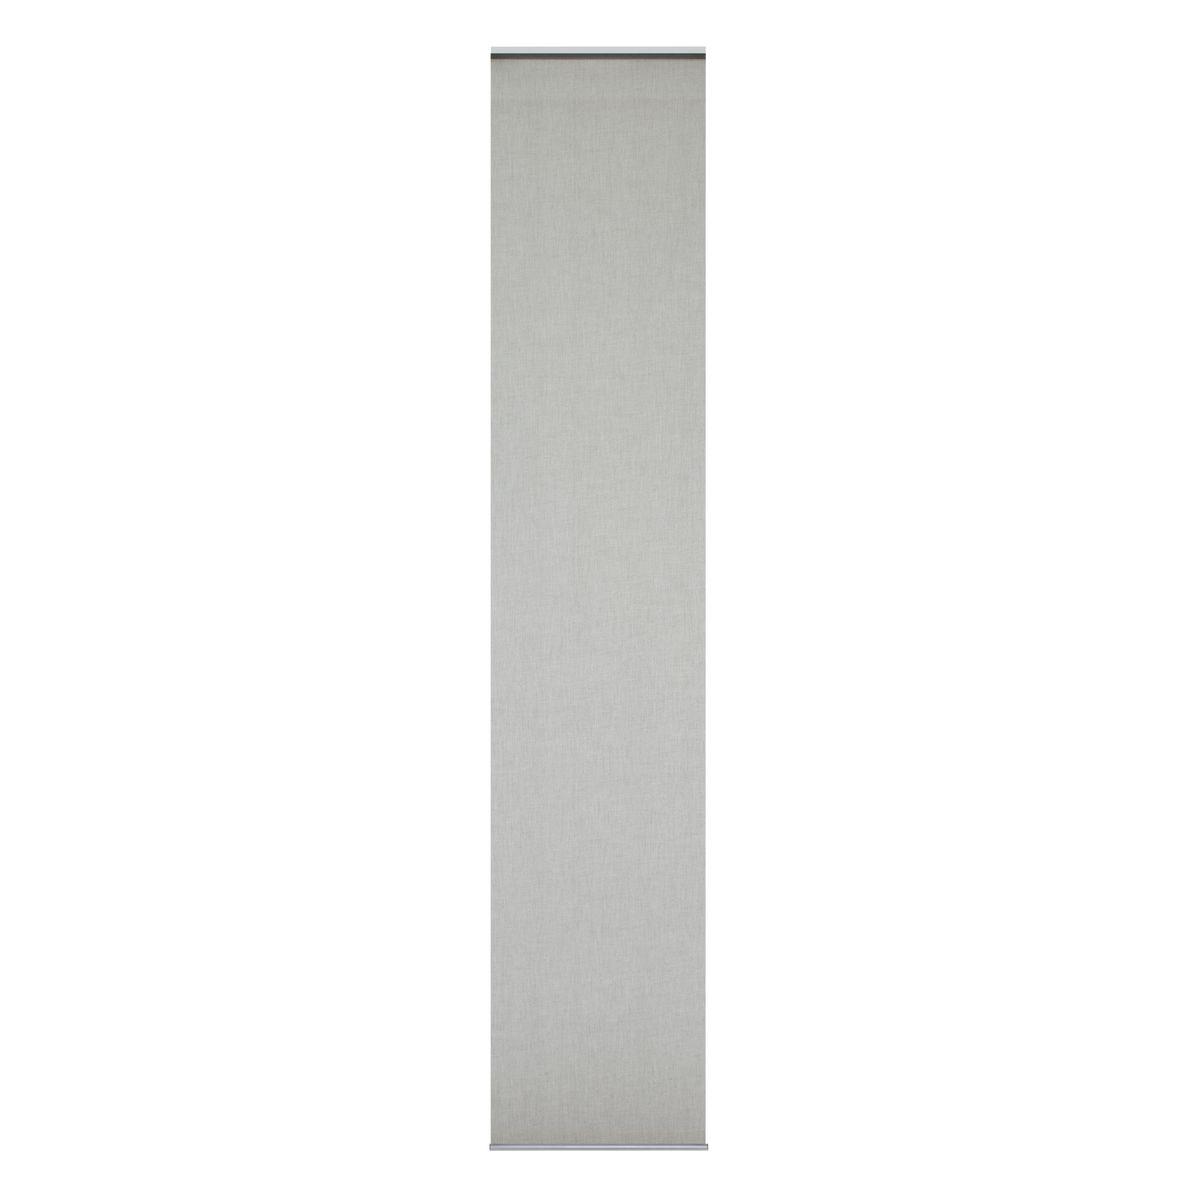 Tenda a pannello grigio 60 x 300 cm prezzi e offerte online for Erba sintetica prezzi leroy merlin